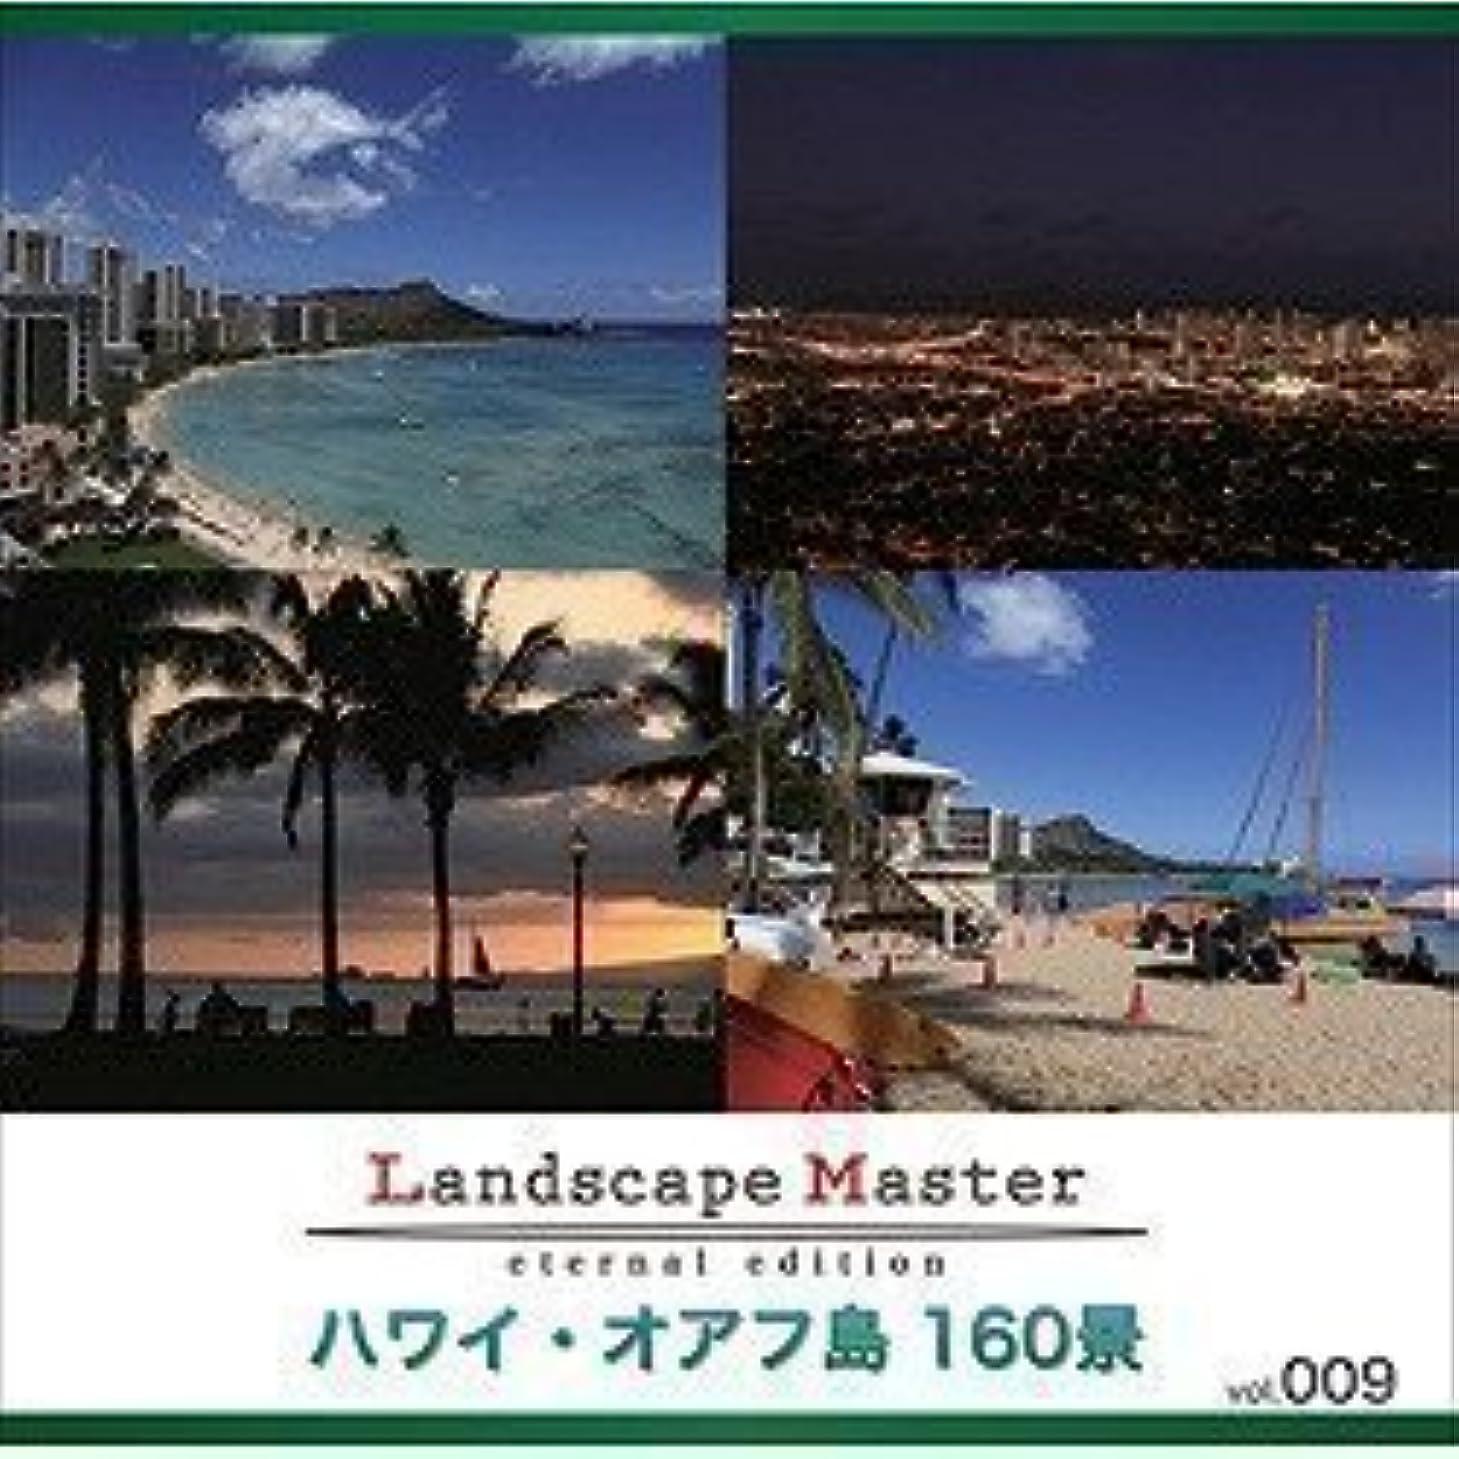 窒素ペンフレンド想像するLandscape Master vol.009 ハワイ?オアフ島 160景